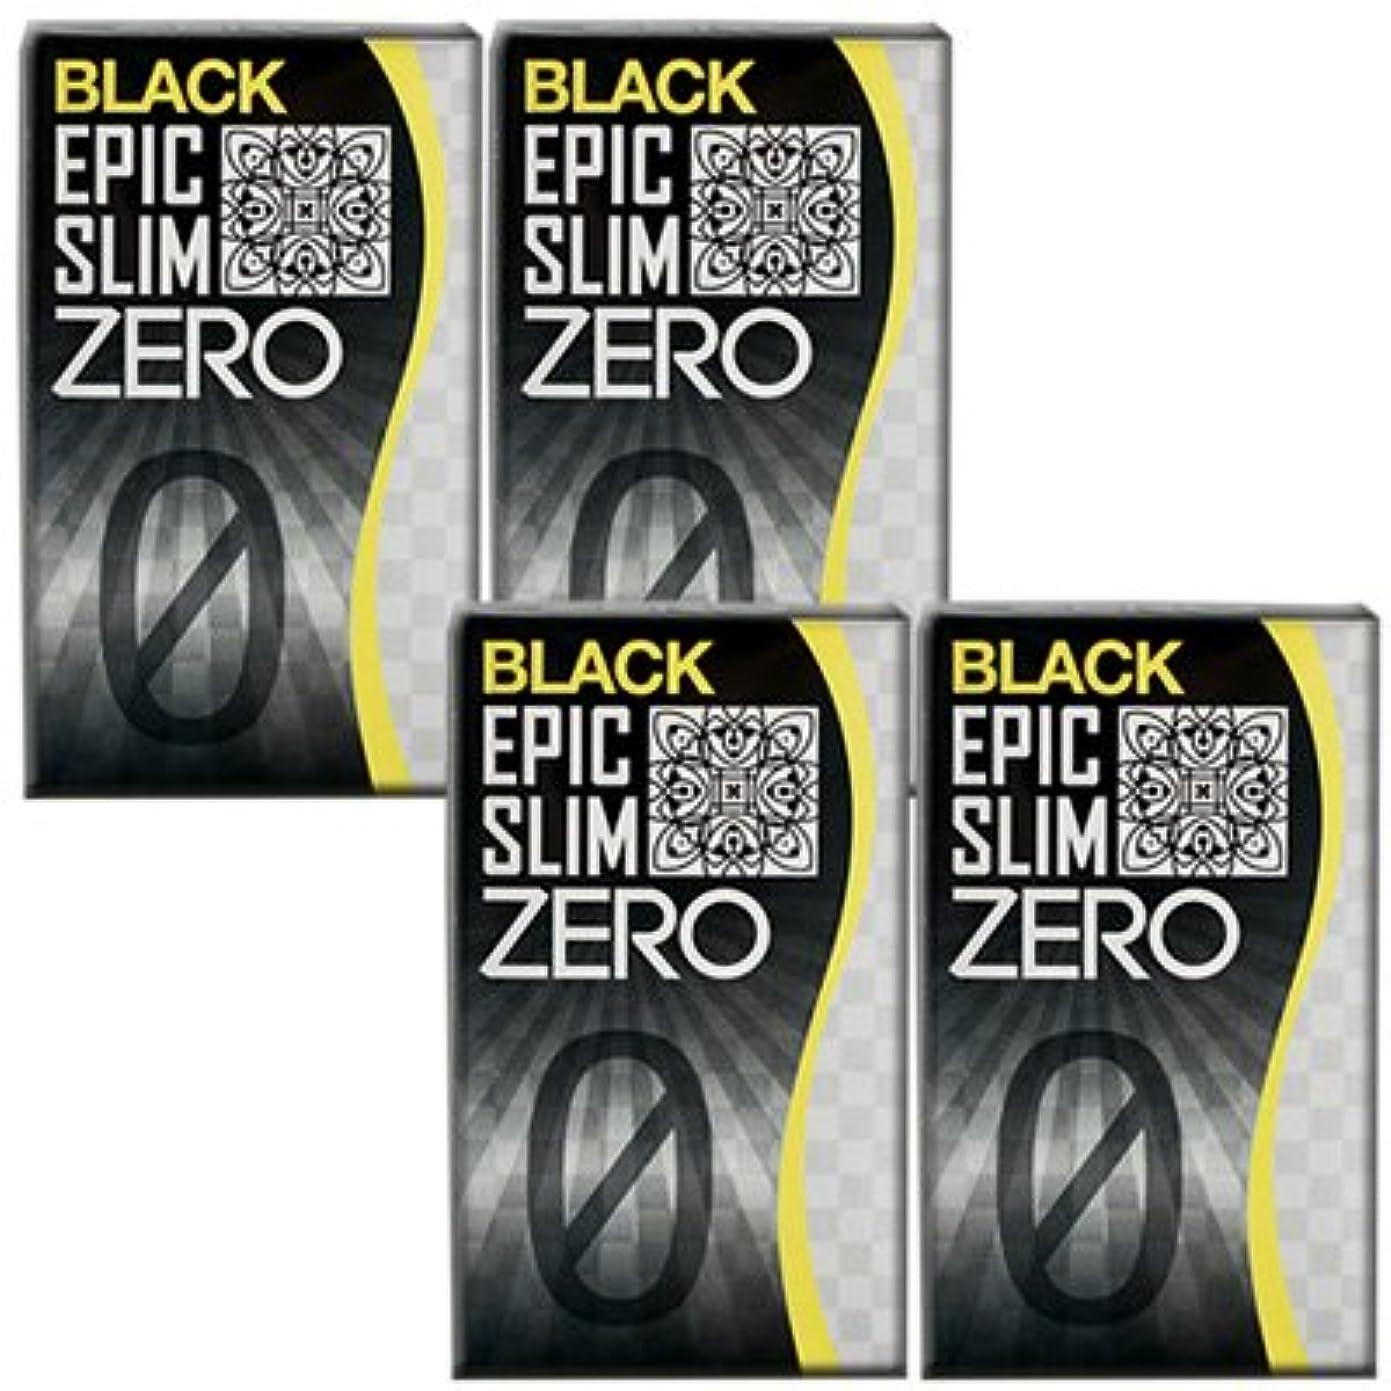 再現する屋内消化ブラック エピックスリム ゼロ ブラック 4個セット!  Epic Slim ZERO BLACK ×4個